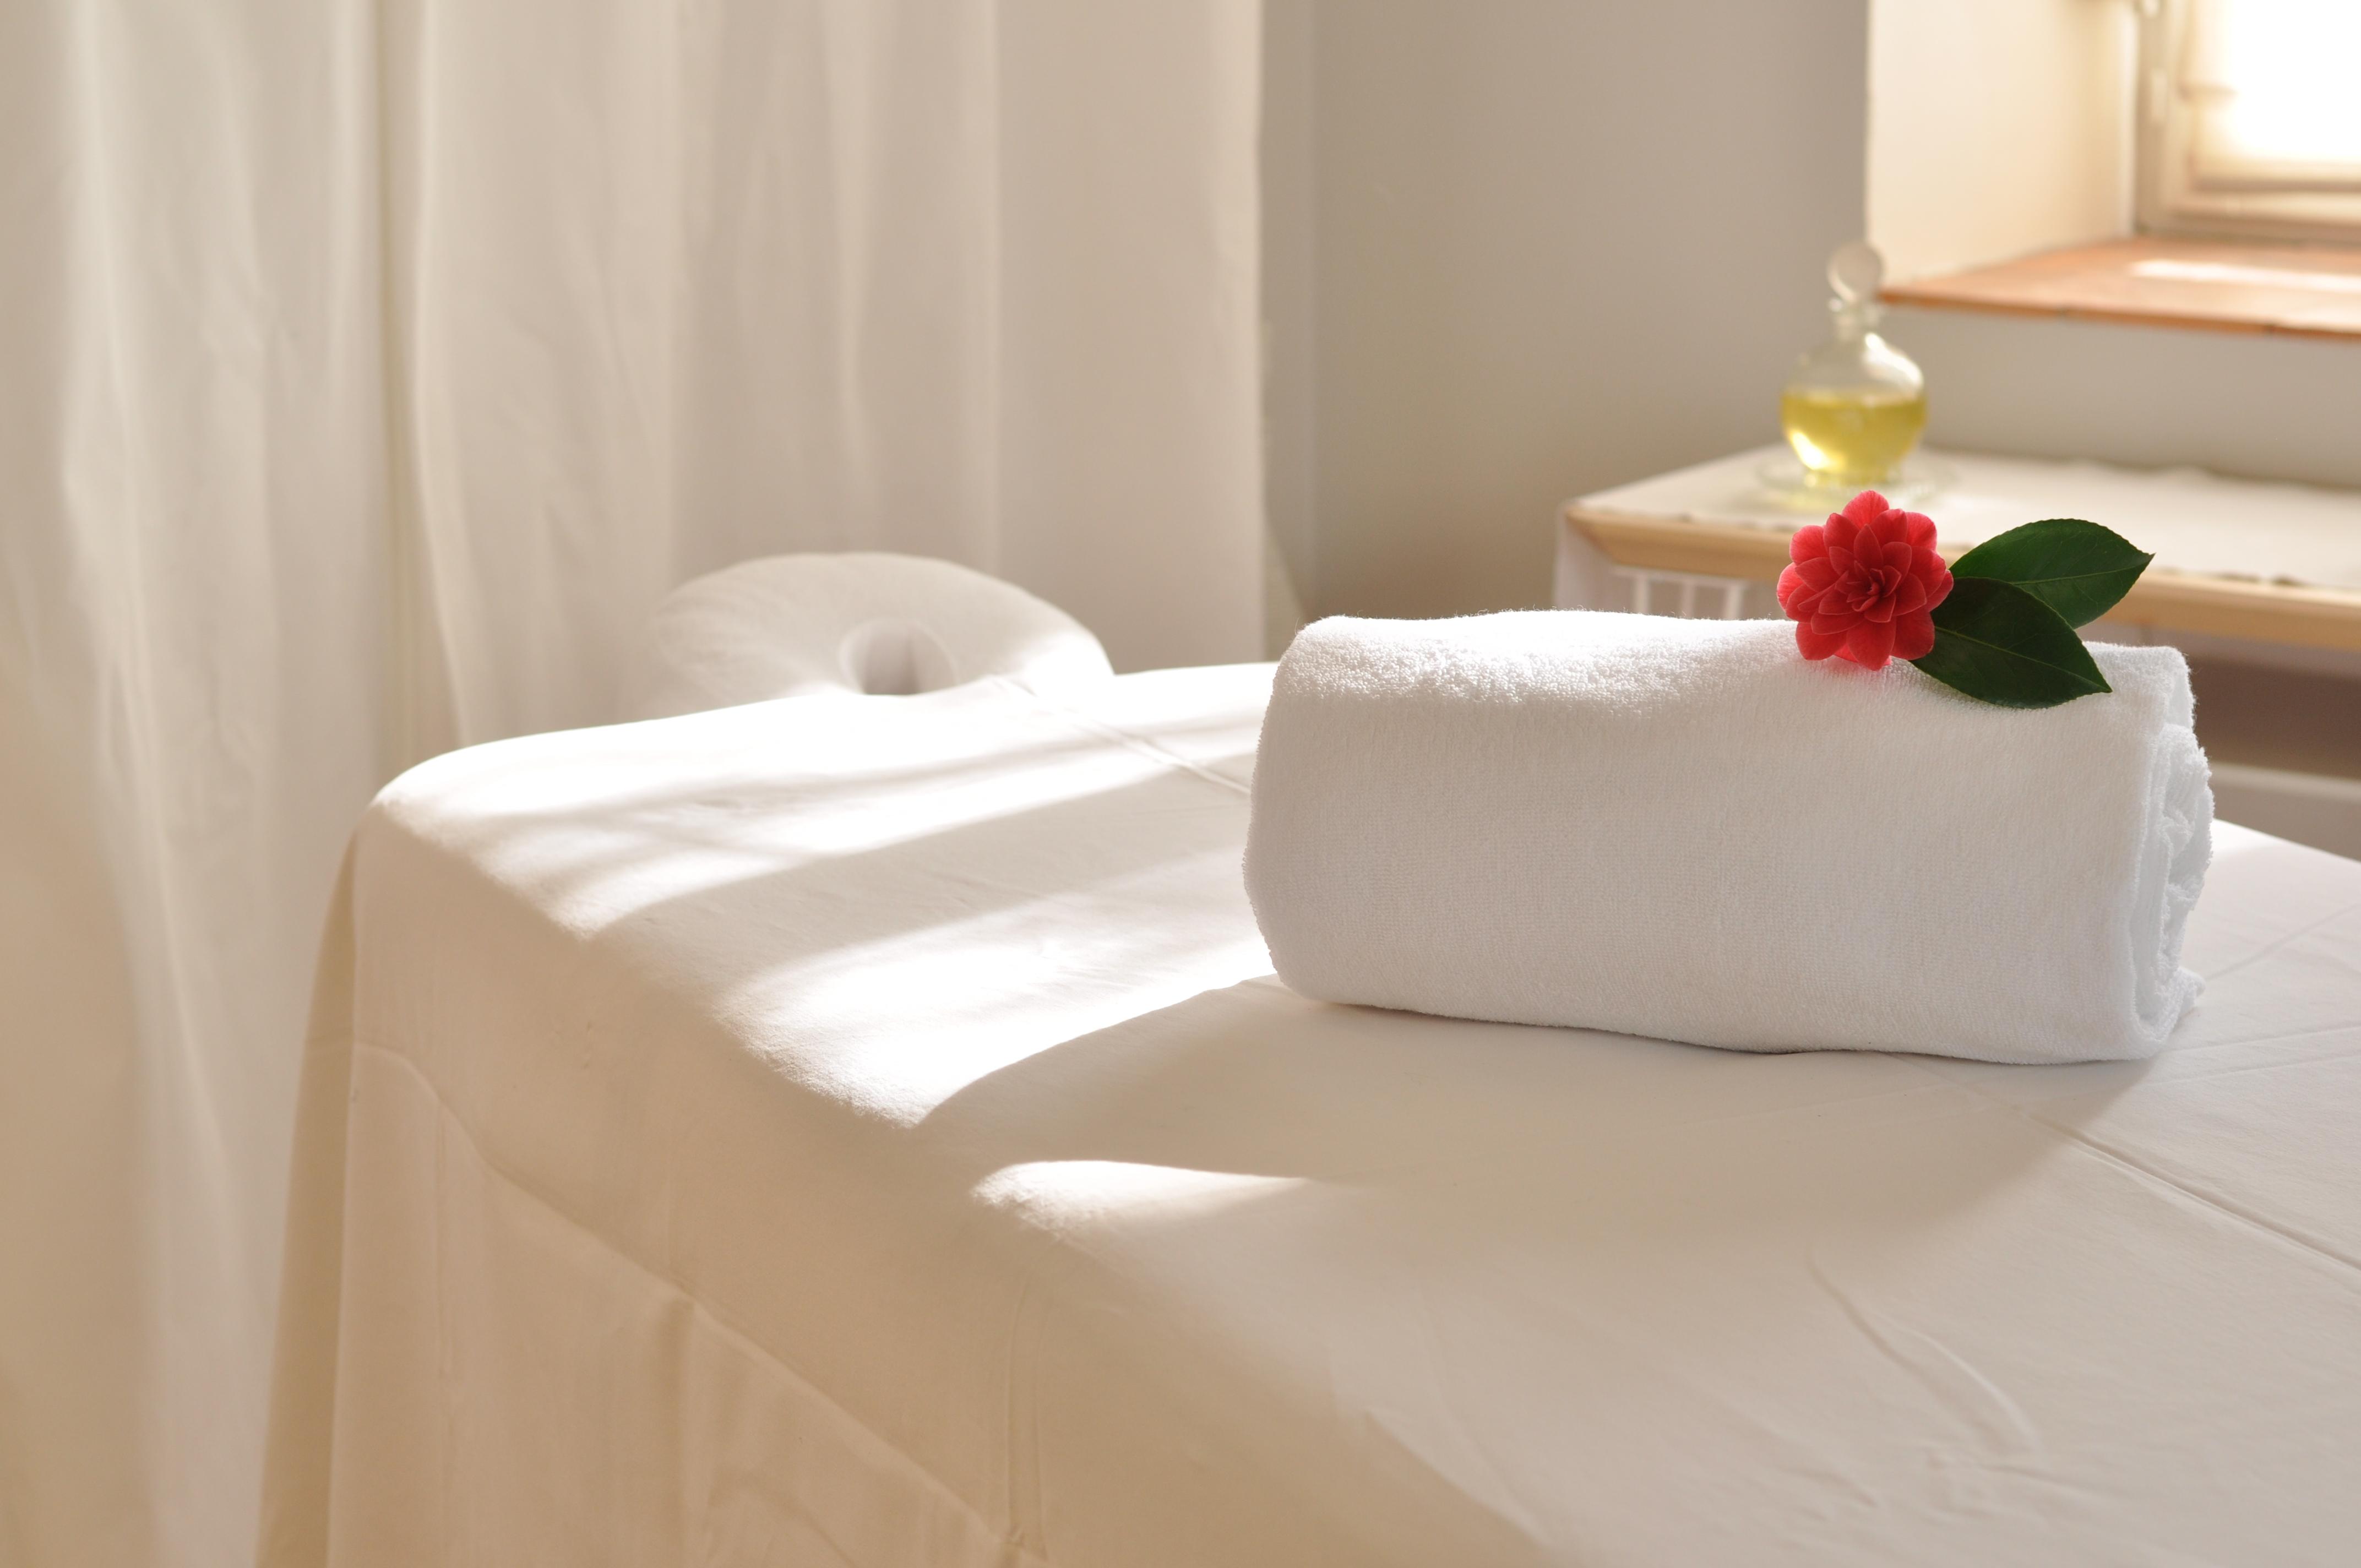 Table de massage et têtière, serviette de toilette roulée, fleur de camélia, flacon d'huile, rideaux blancs nioumii massage & beauté Marcq en Baroeul